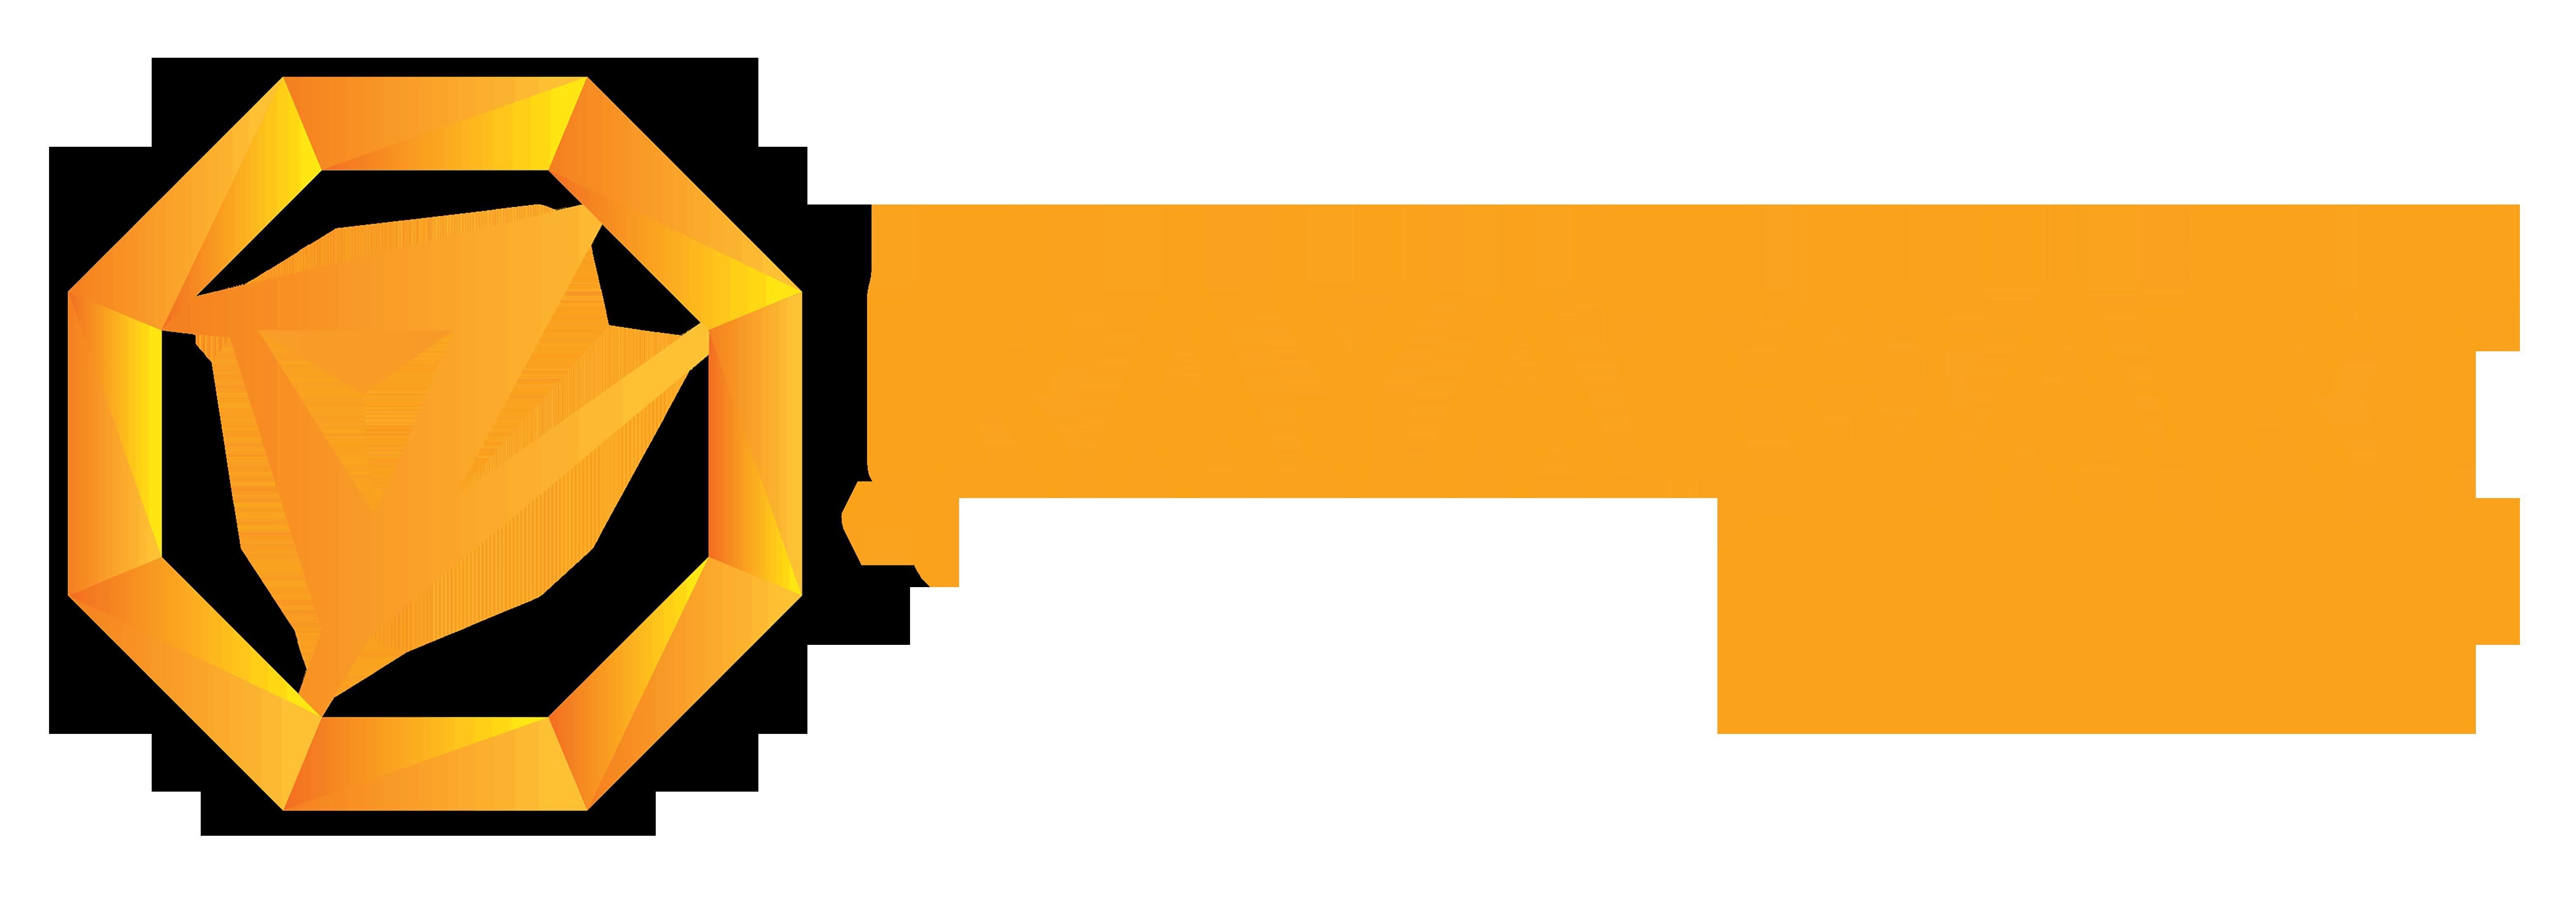 Rayatcart